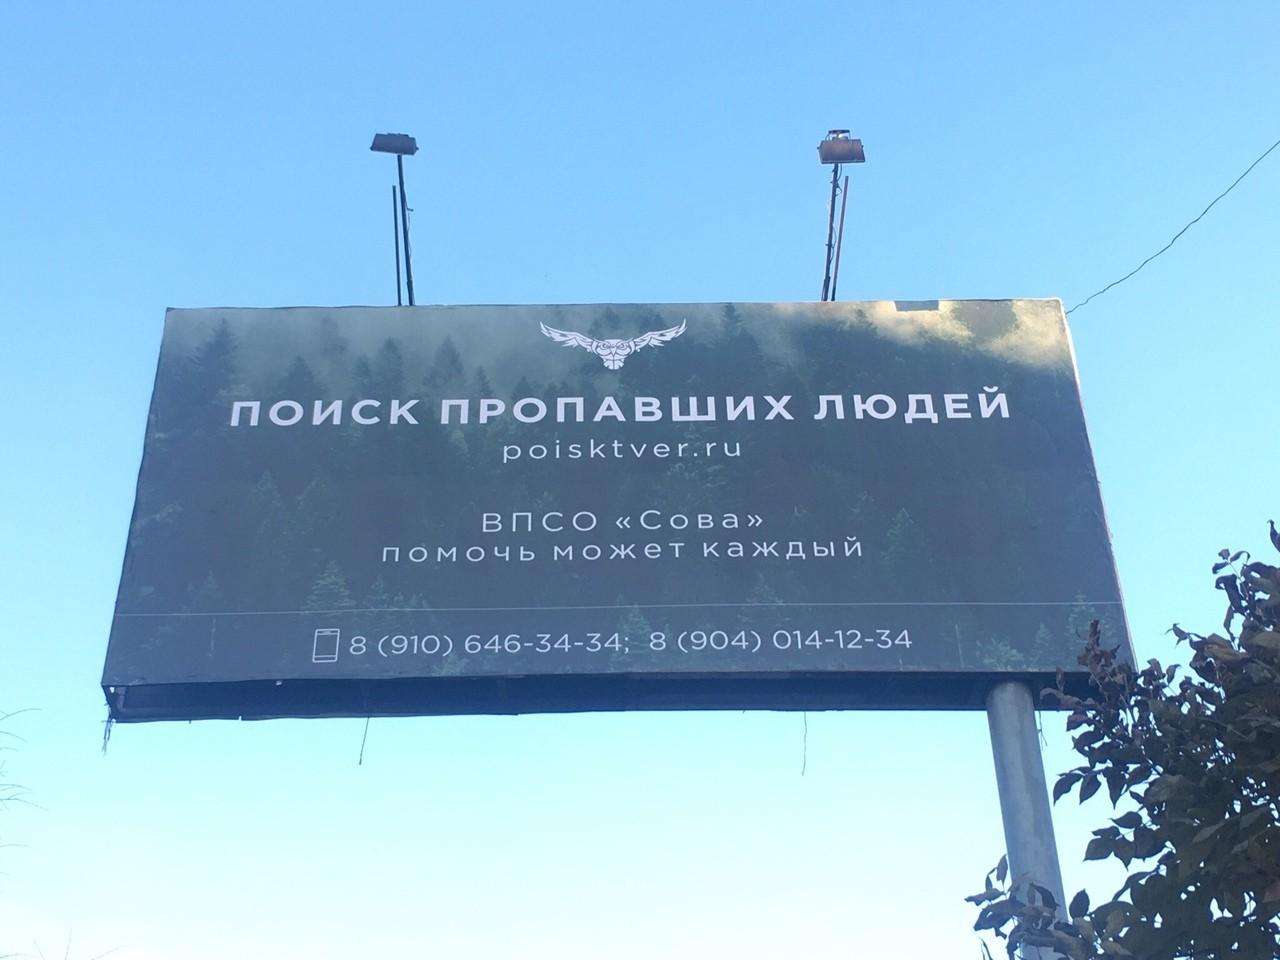 В Твери появился билборд